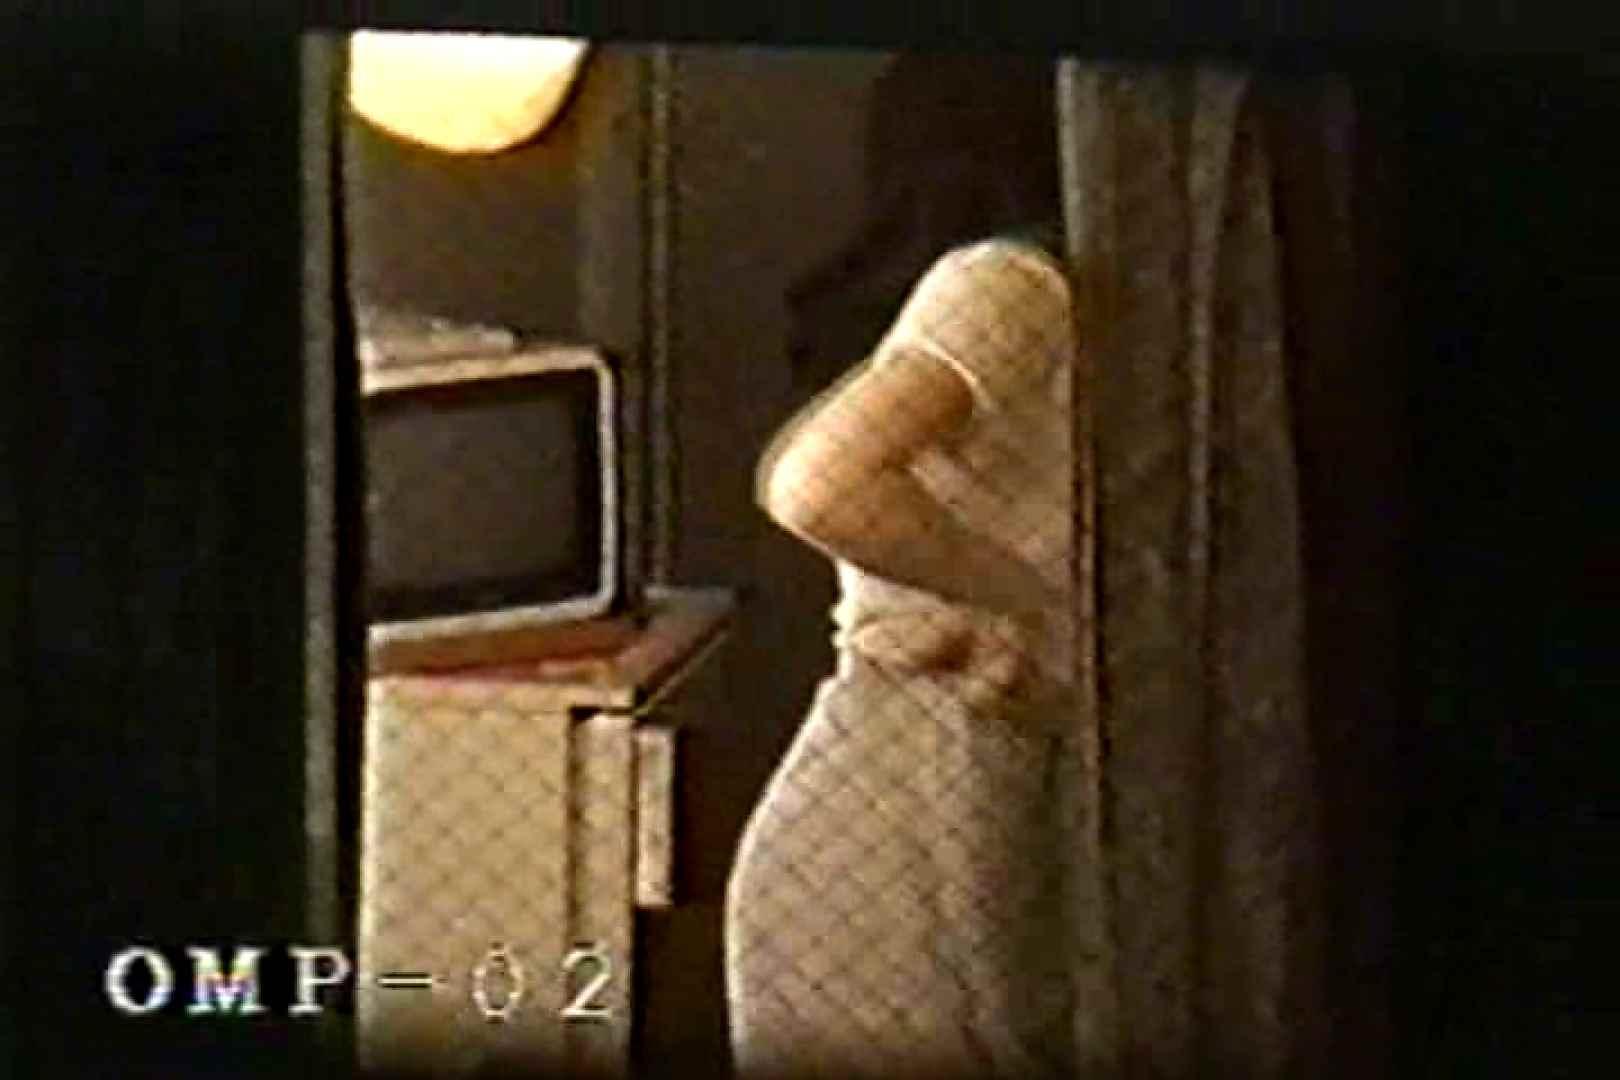 究極の民家覗き撮りVol.2 接写 盗撮エロ画像 50pic 23